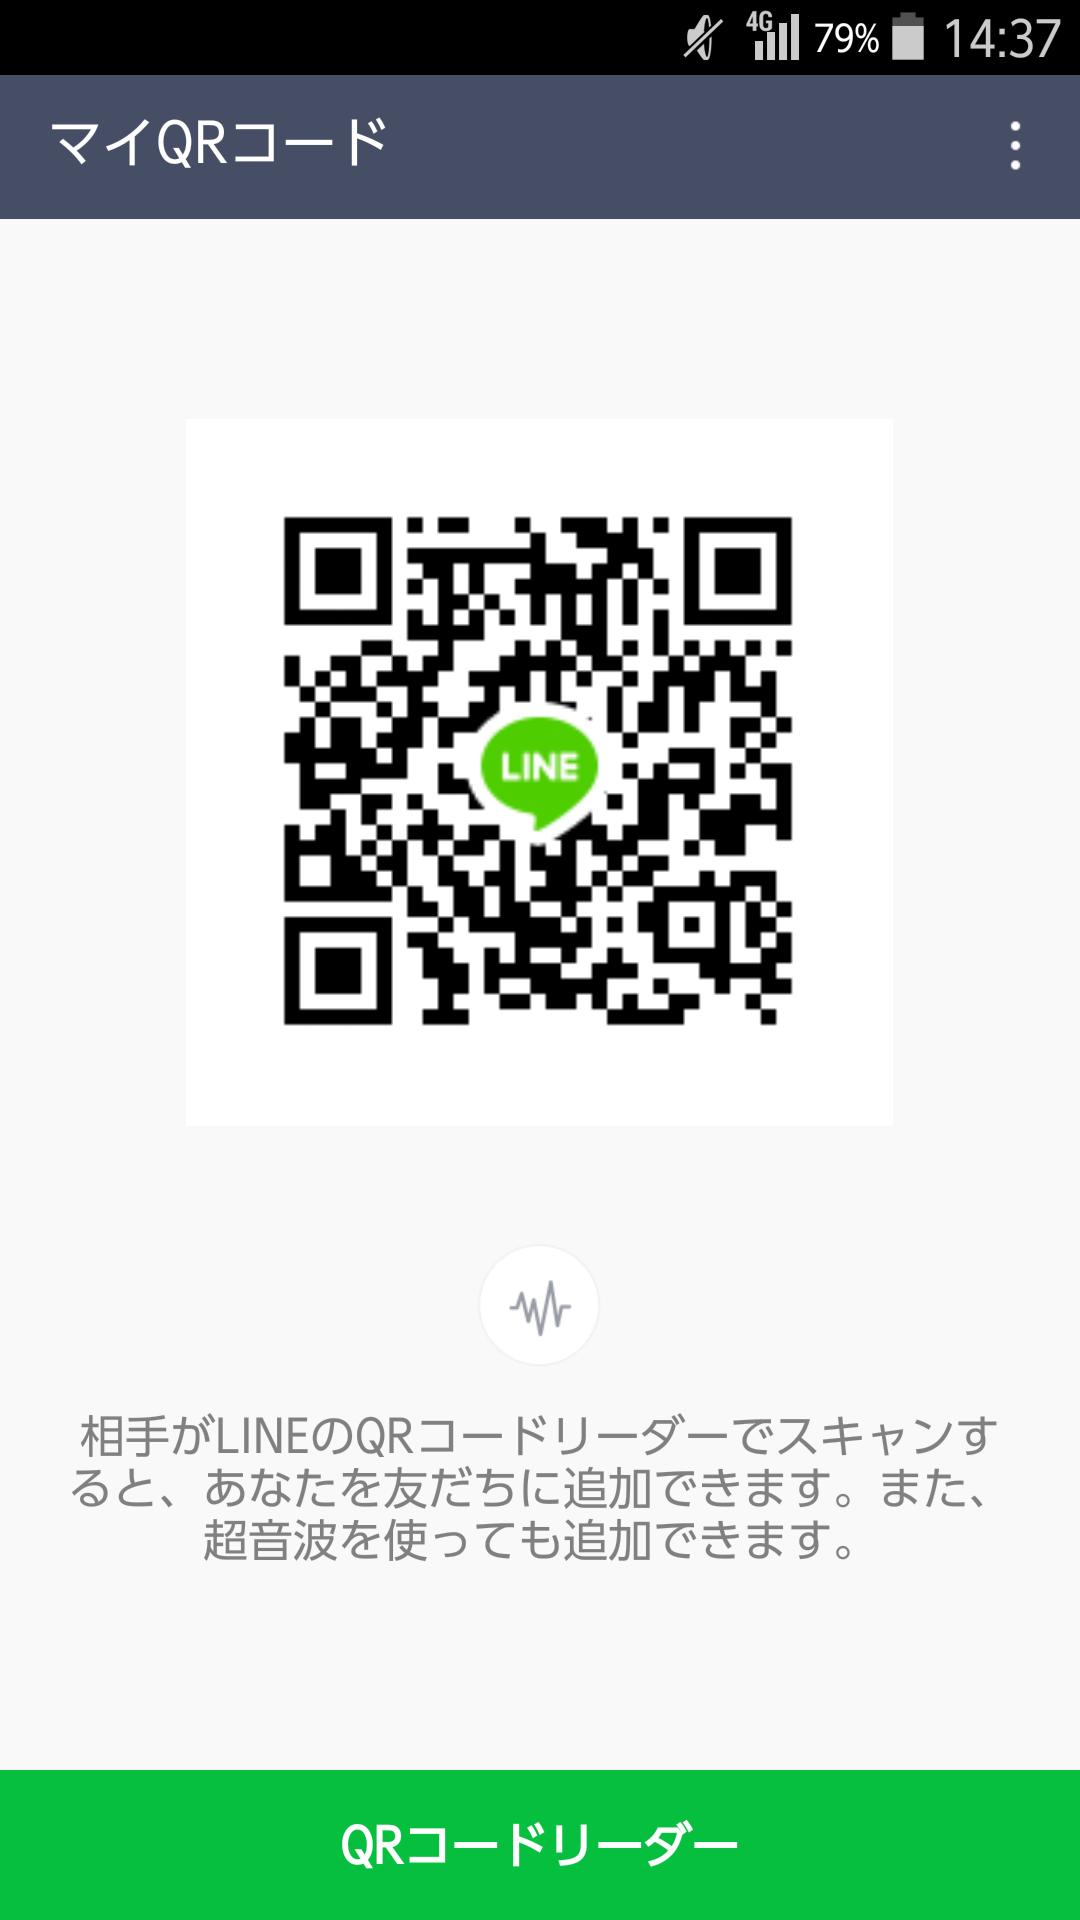 とし(20)さんのQRコード